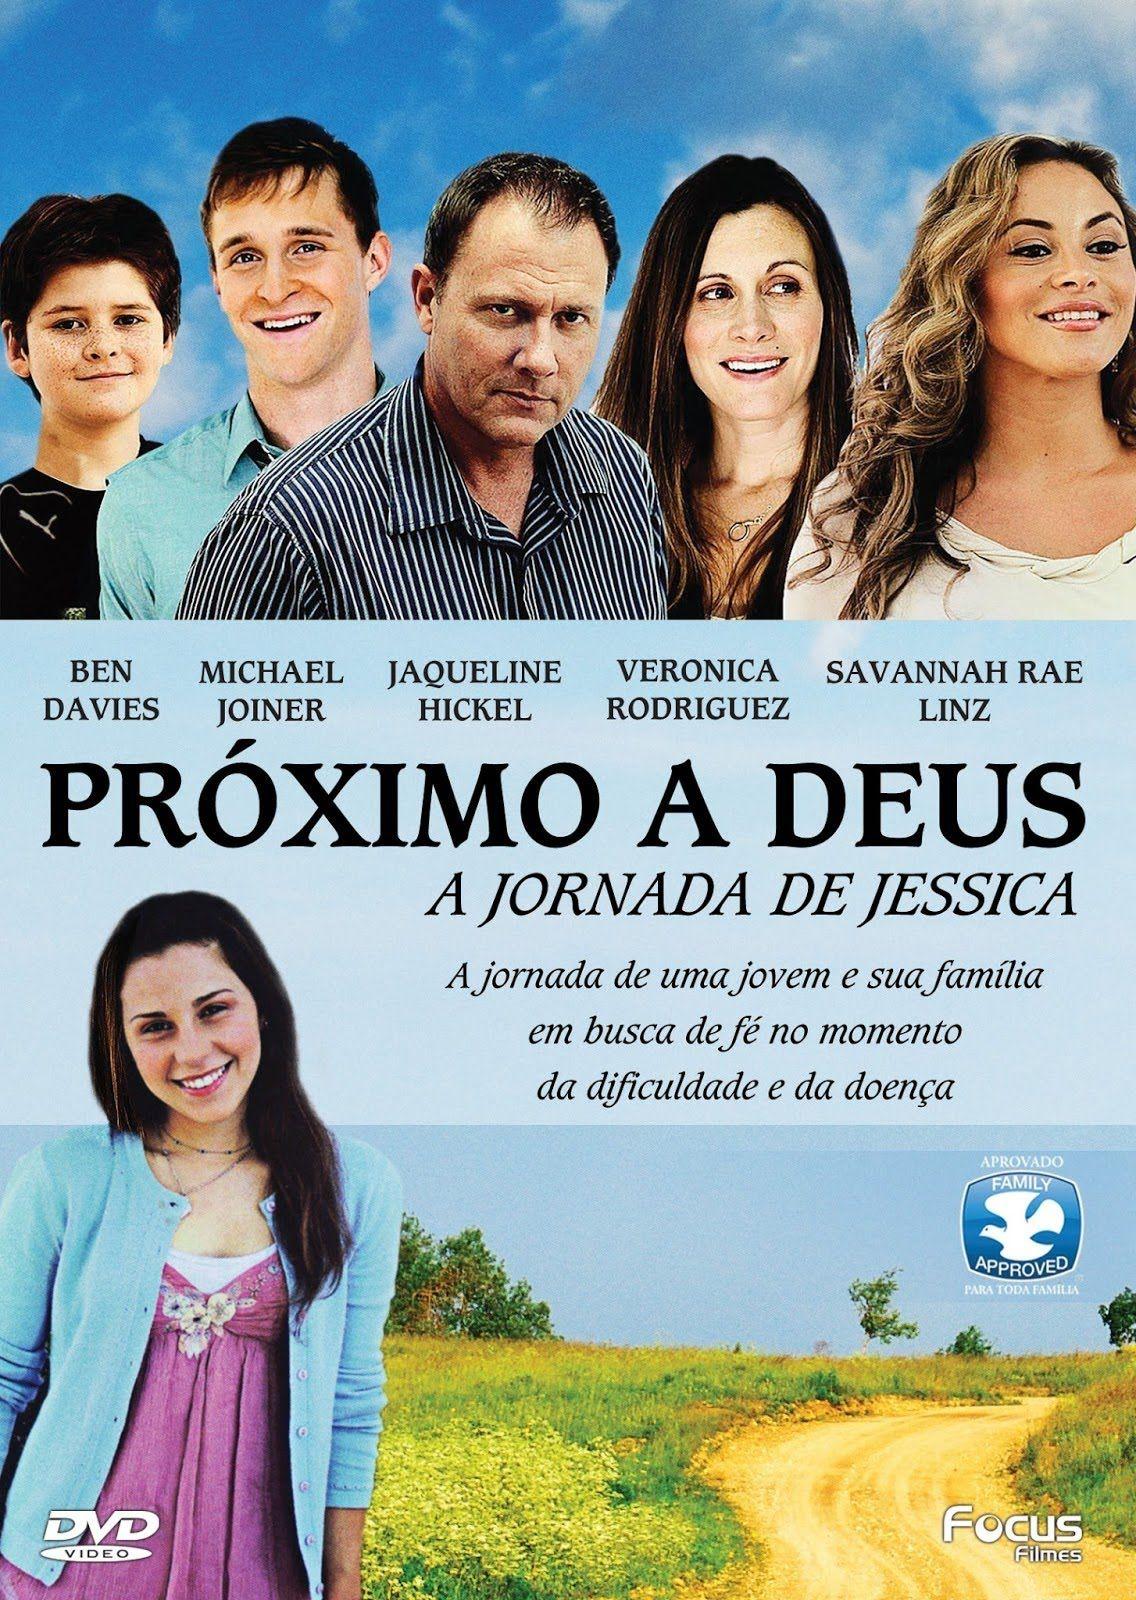 Filme Gospel Proximo A Deus A Jornada De Jessica Dublado Filmes Gospel Filmes Religiosos Filmes Biblicos